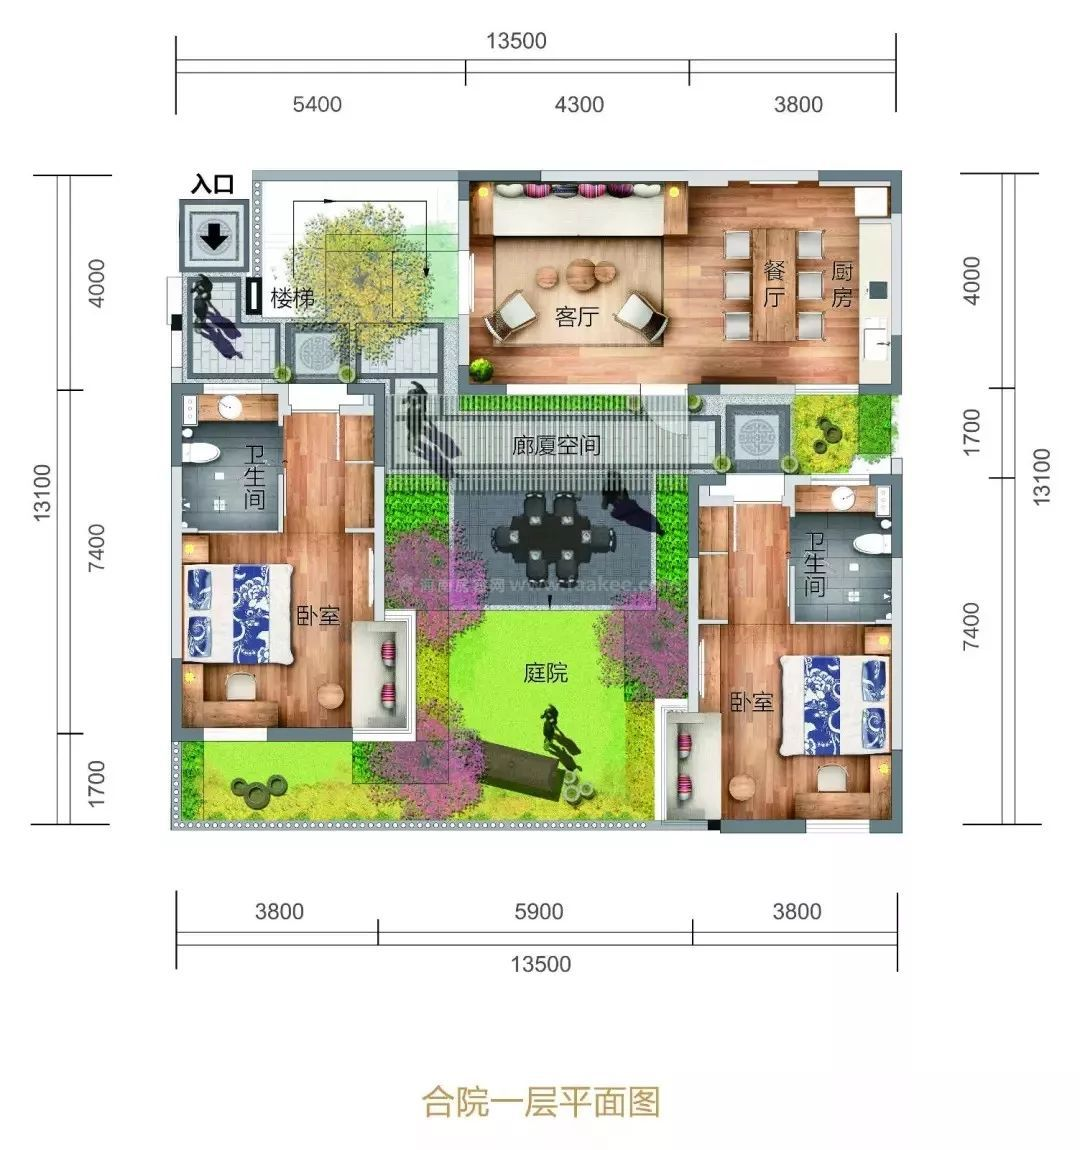 中区合院一层平面图 4室2厅4卫1厨, 建筑面积约168.00平米